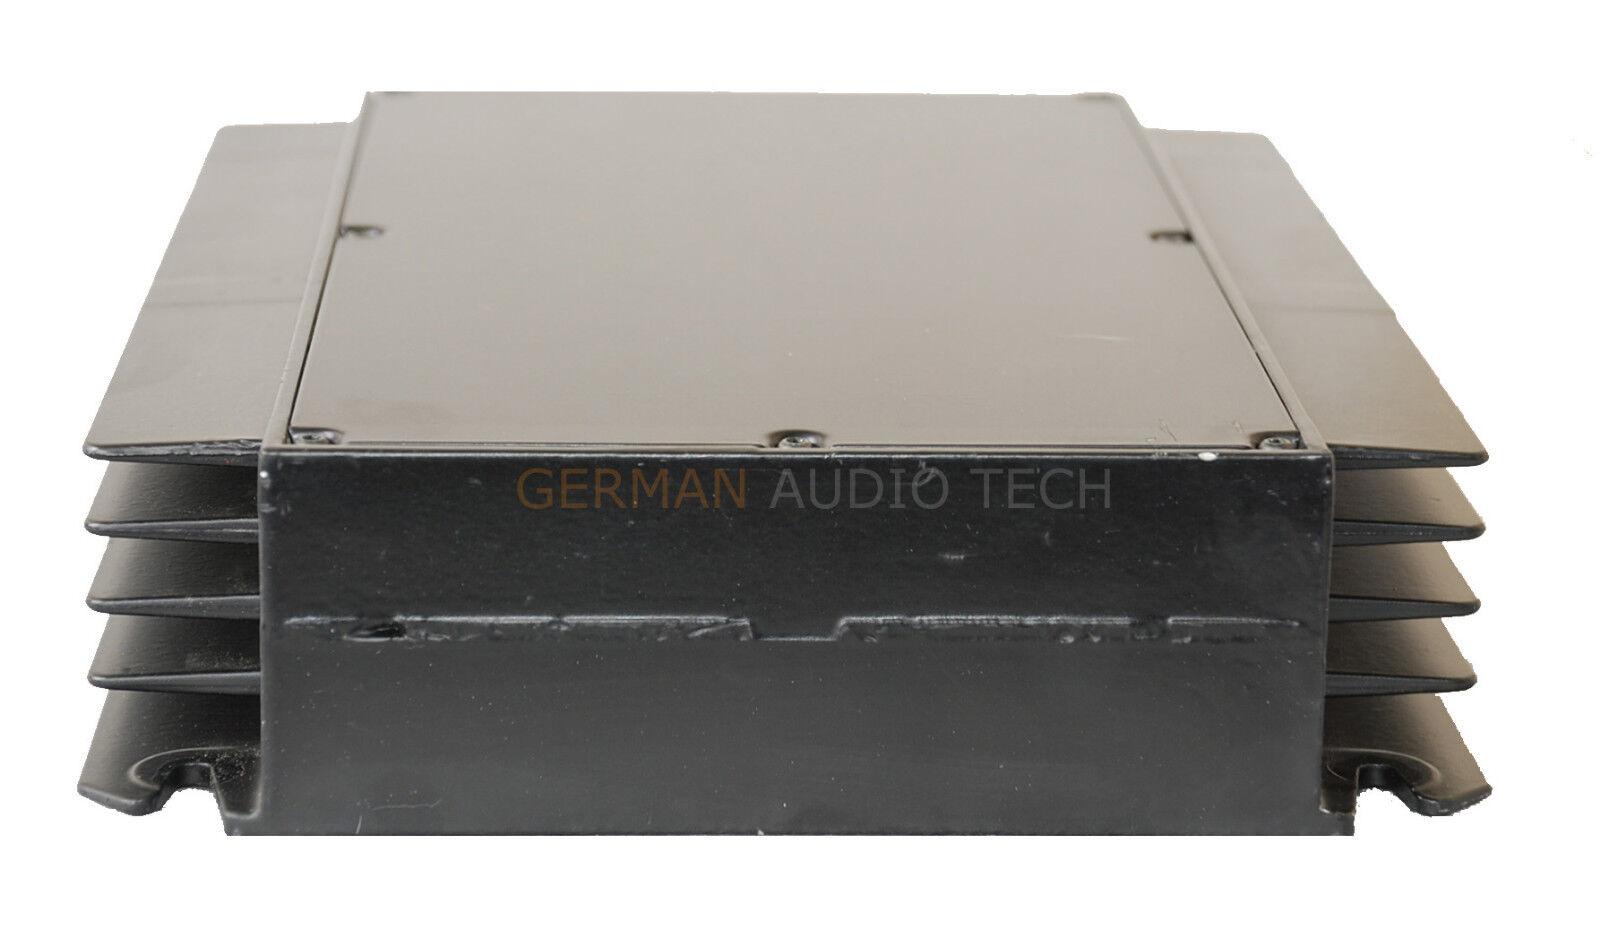 Bmw Dsp Radio Stereo Amplifier Amp E38 740 E39 540 M5 E53 X5 Lear Pin 15 Wiring Diagram Philips